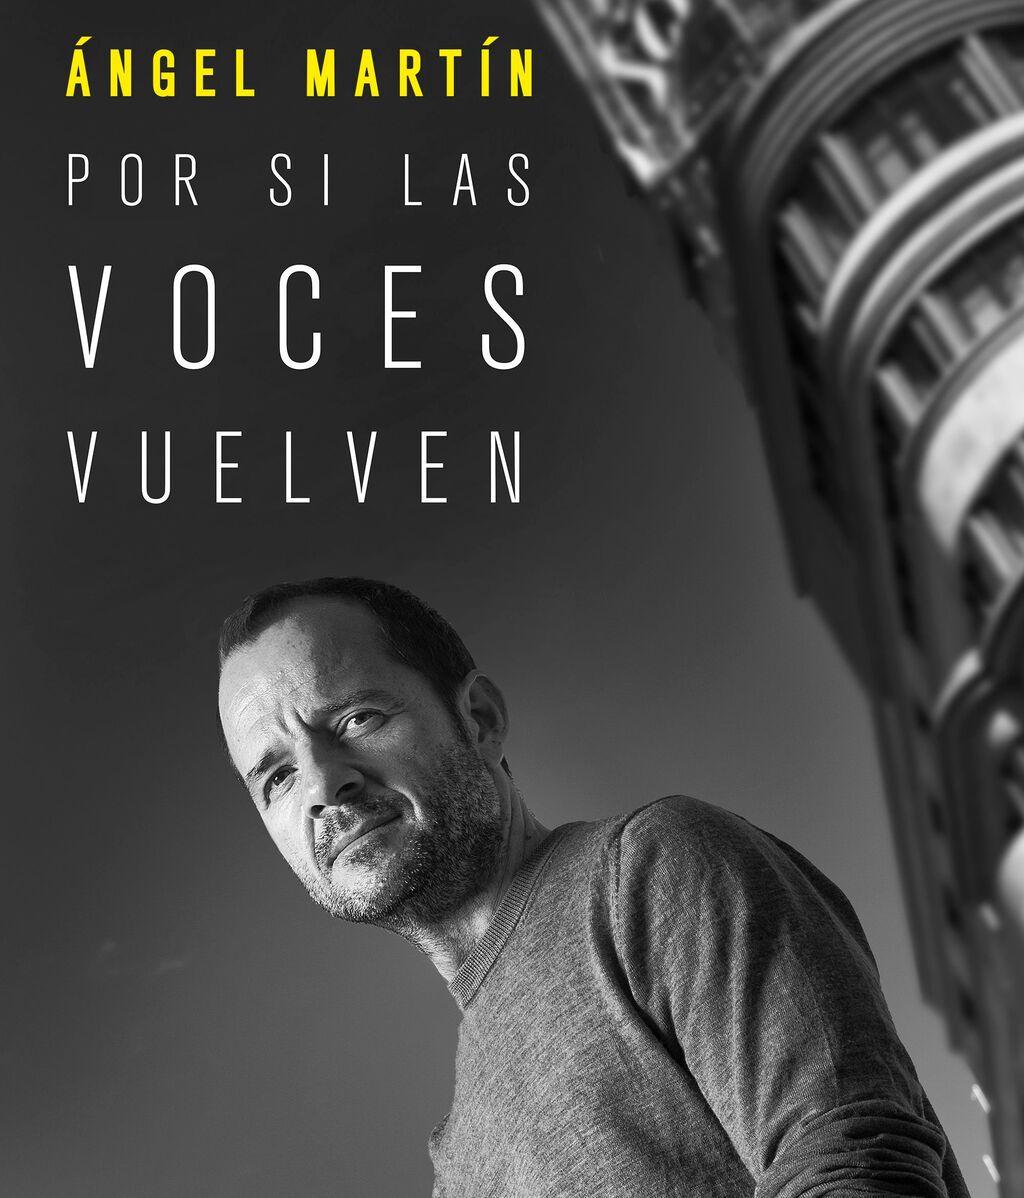 Por si las voces vuelven, Ángel Martín